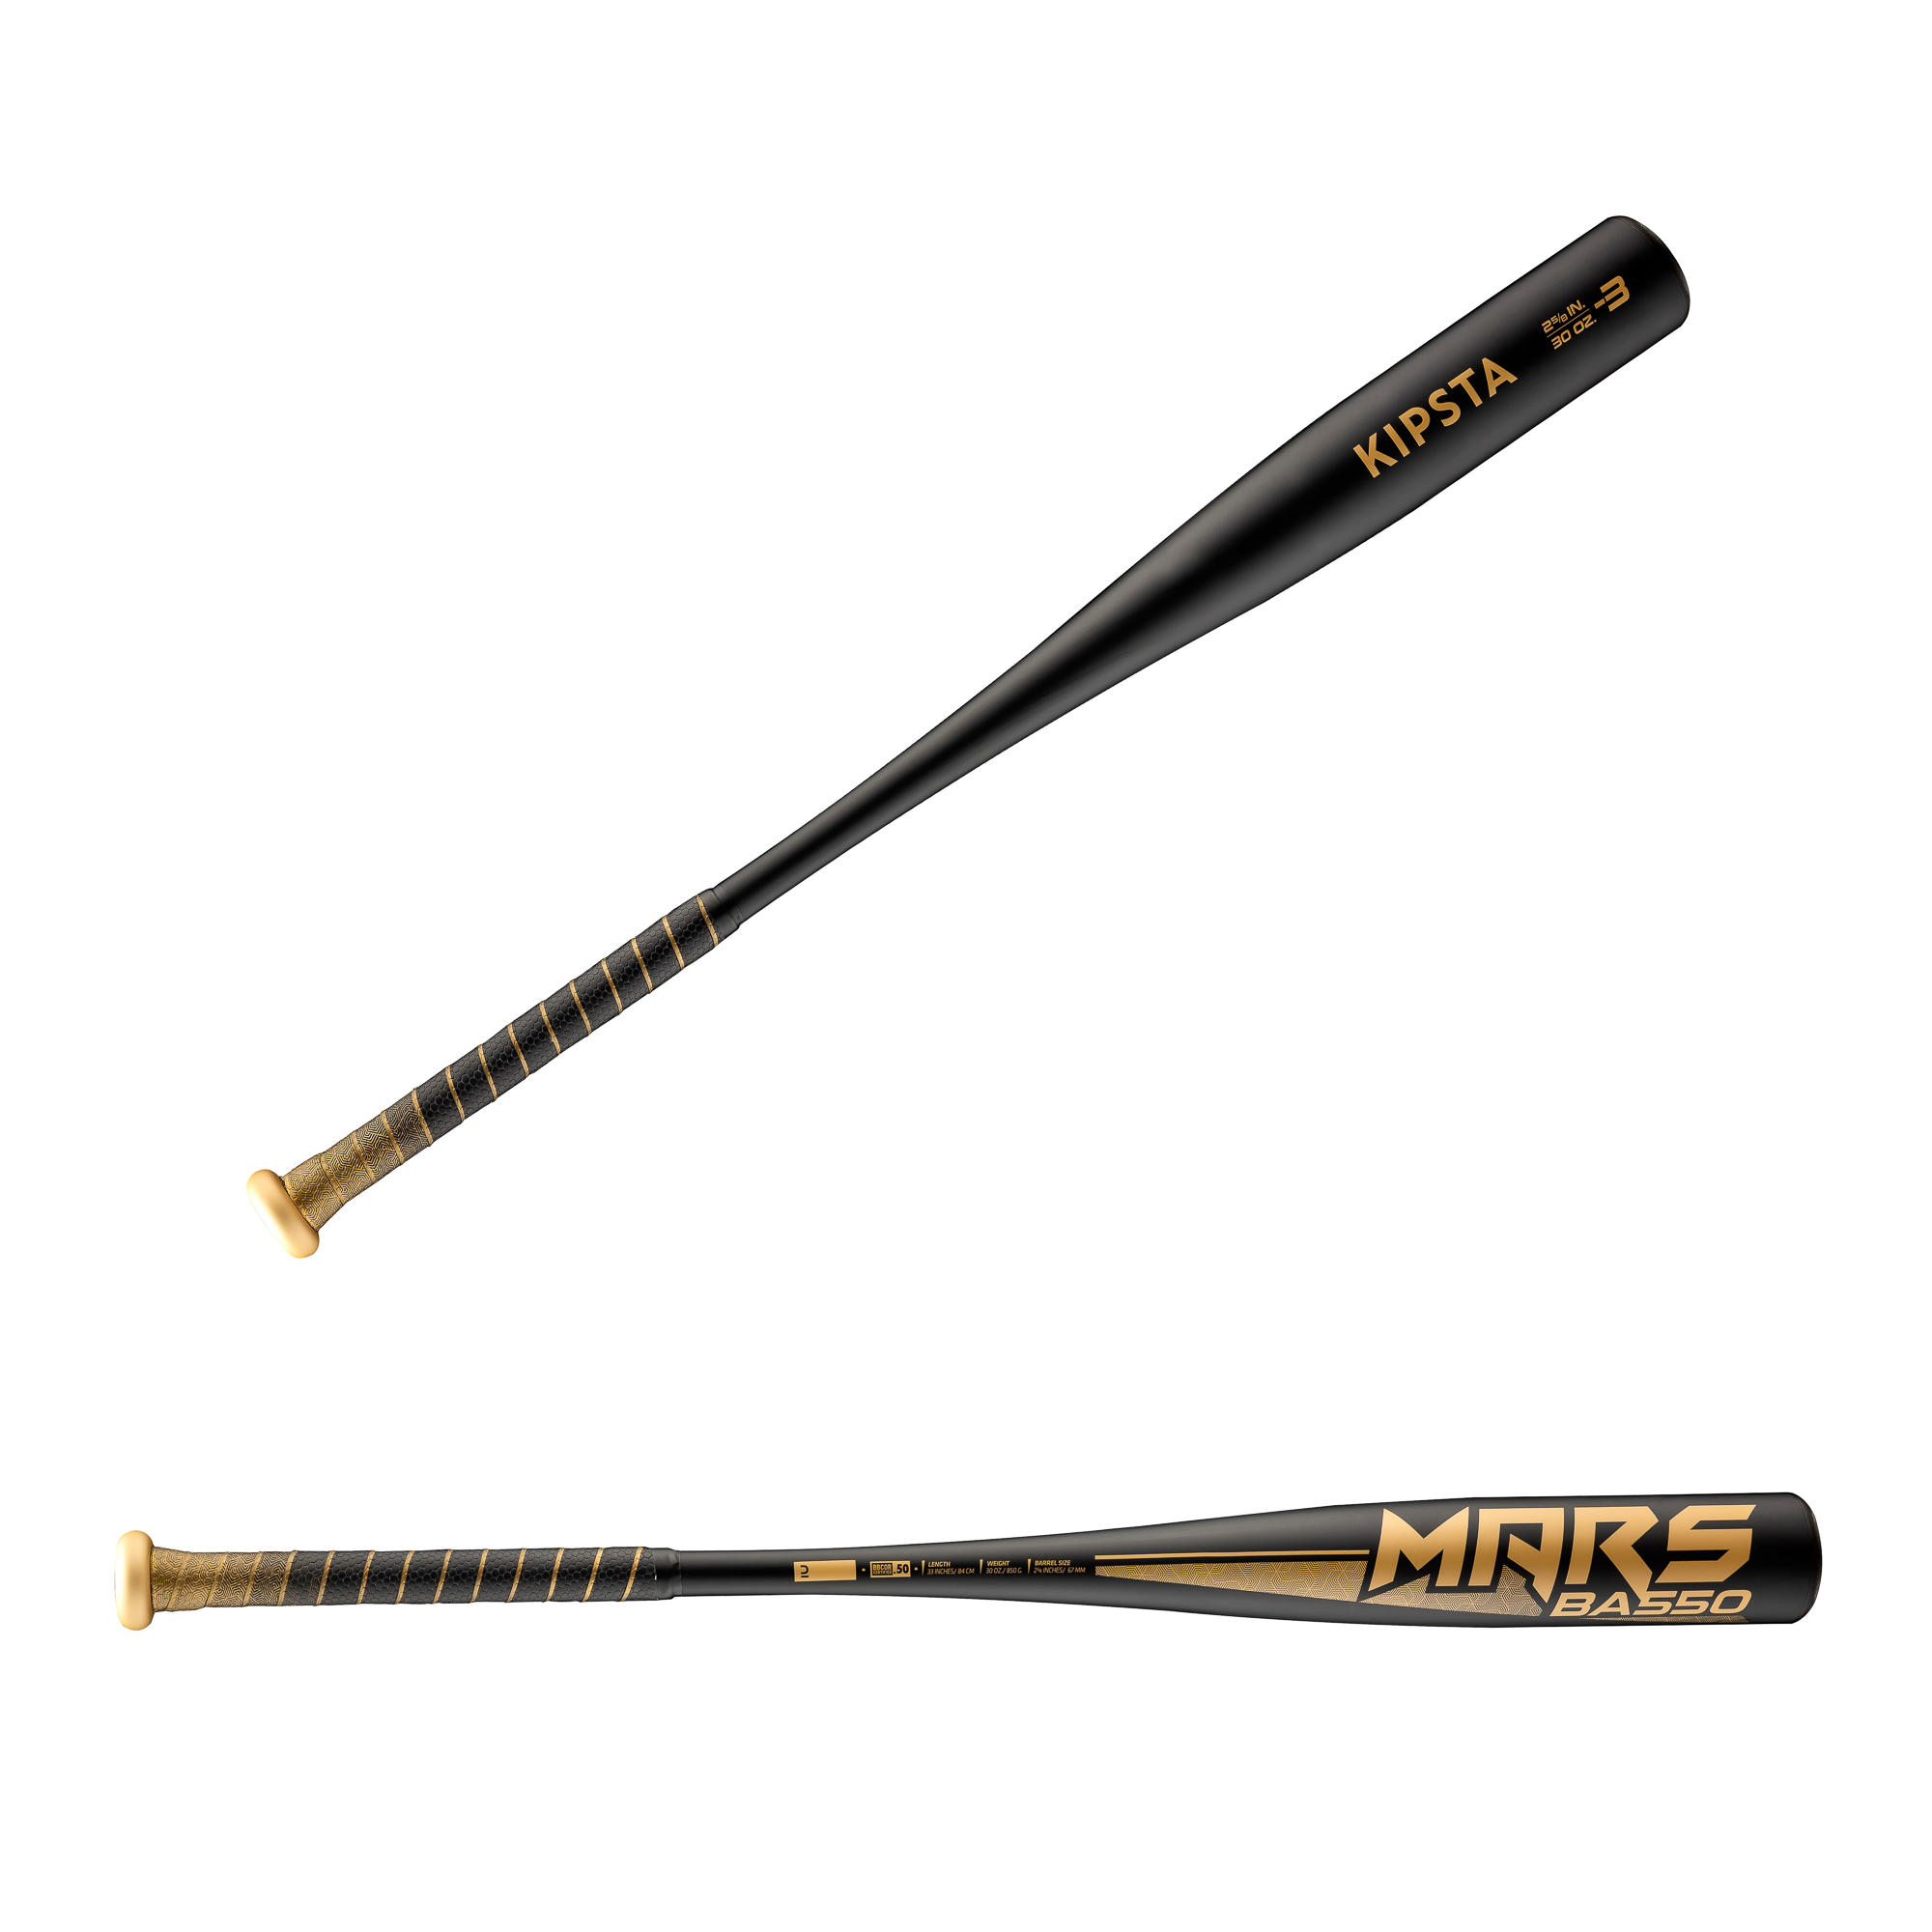 Bâtă Baseball BA 550 3 BBCOR